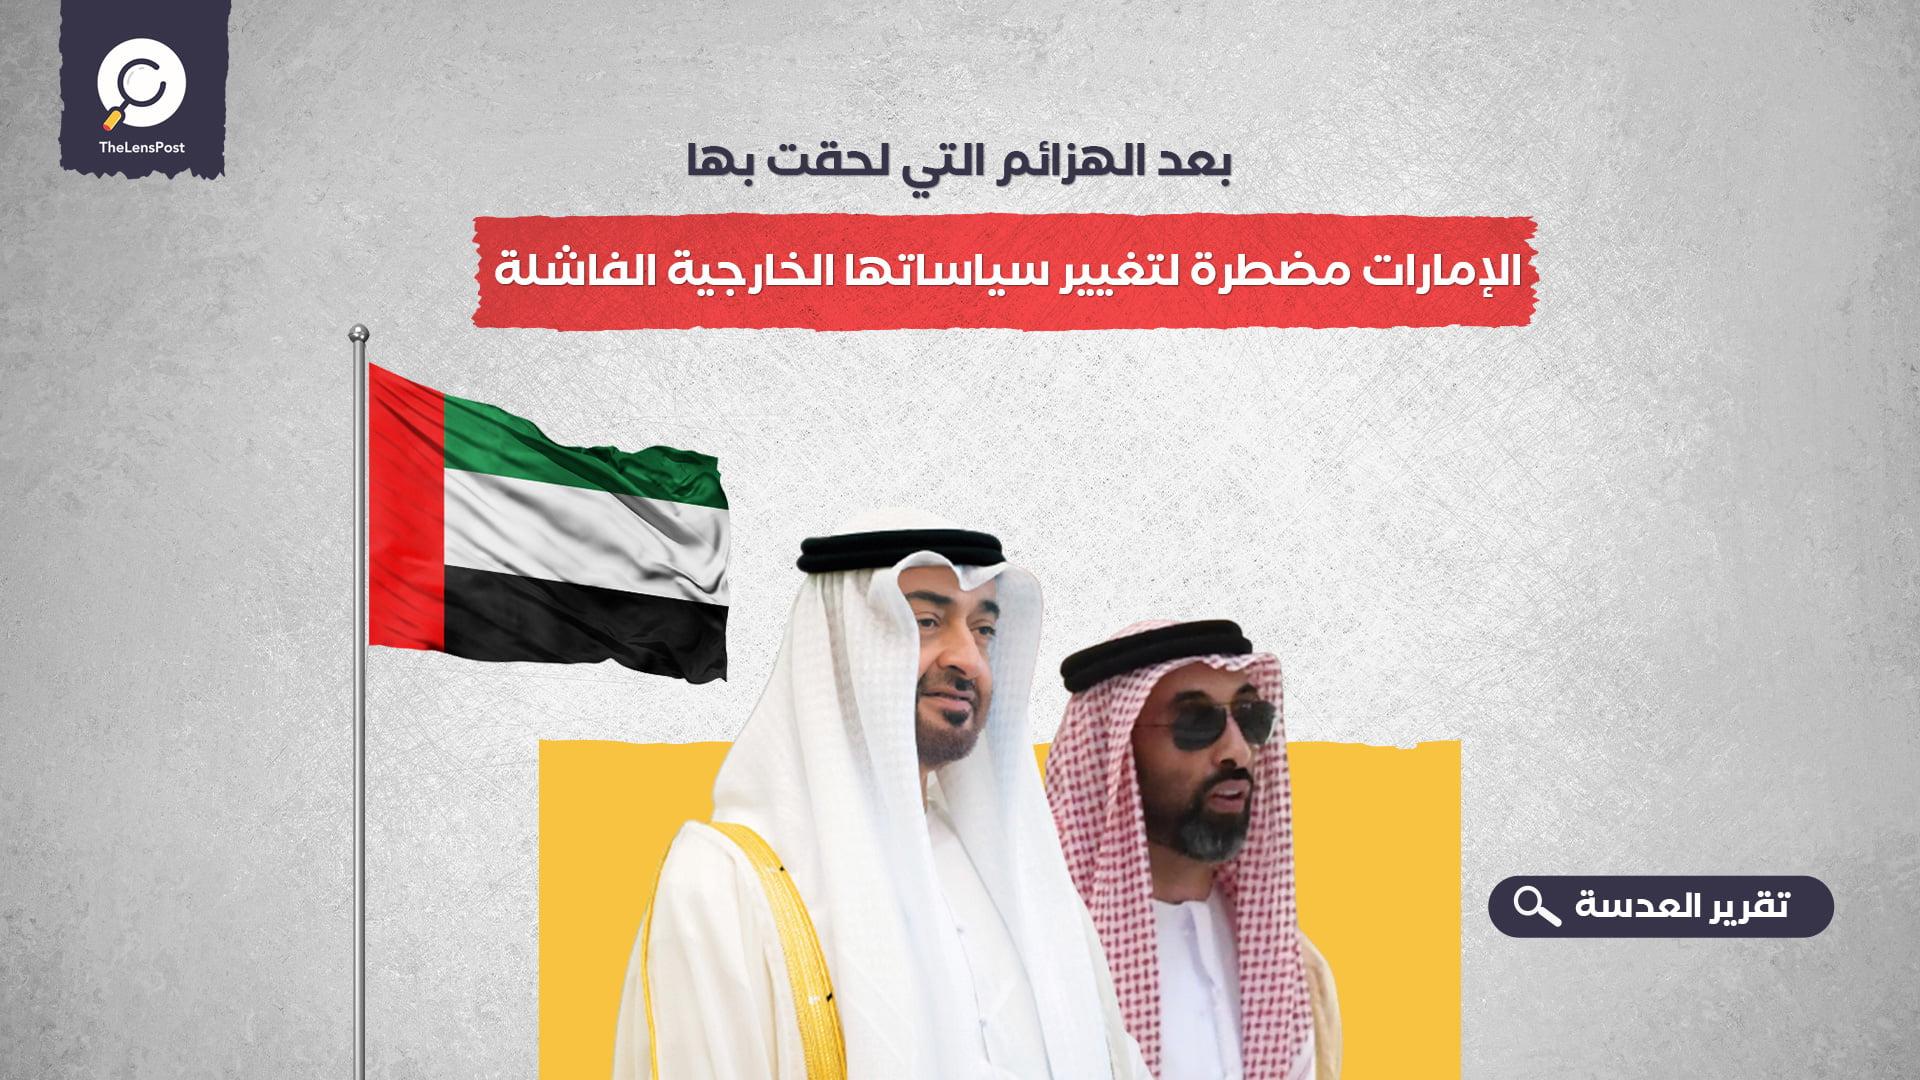 بعد الهزائم التي لحقت بها.. الإمارات مضطرة لتغيير سياساتها الخارجية الفاشلة